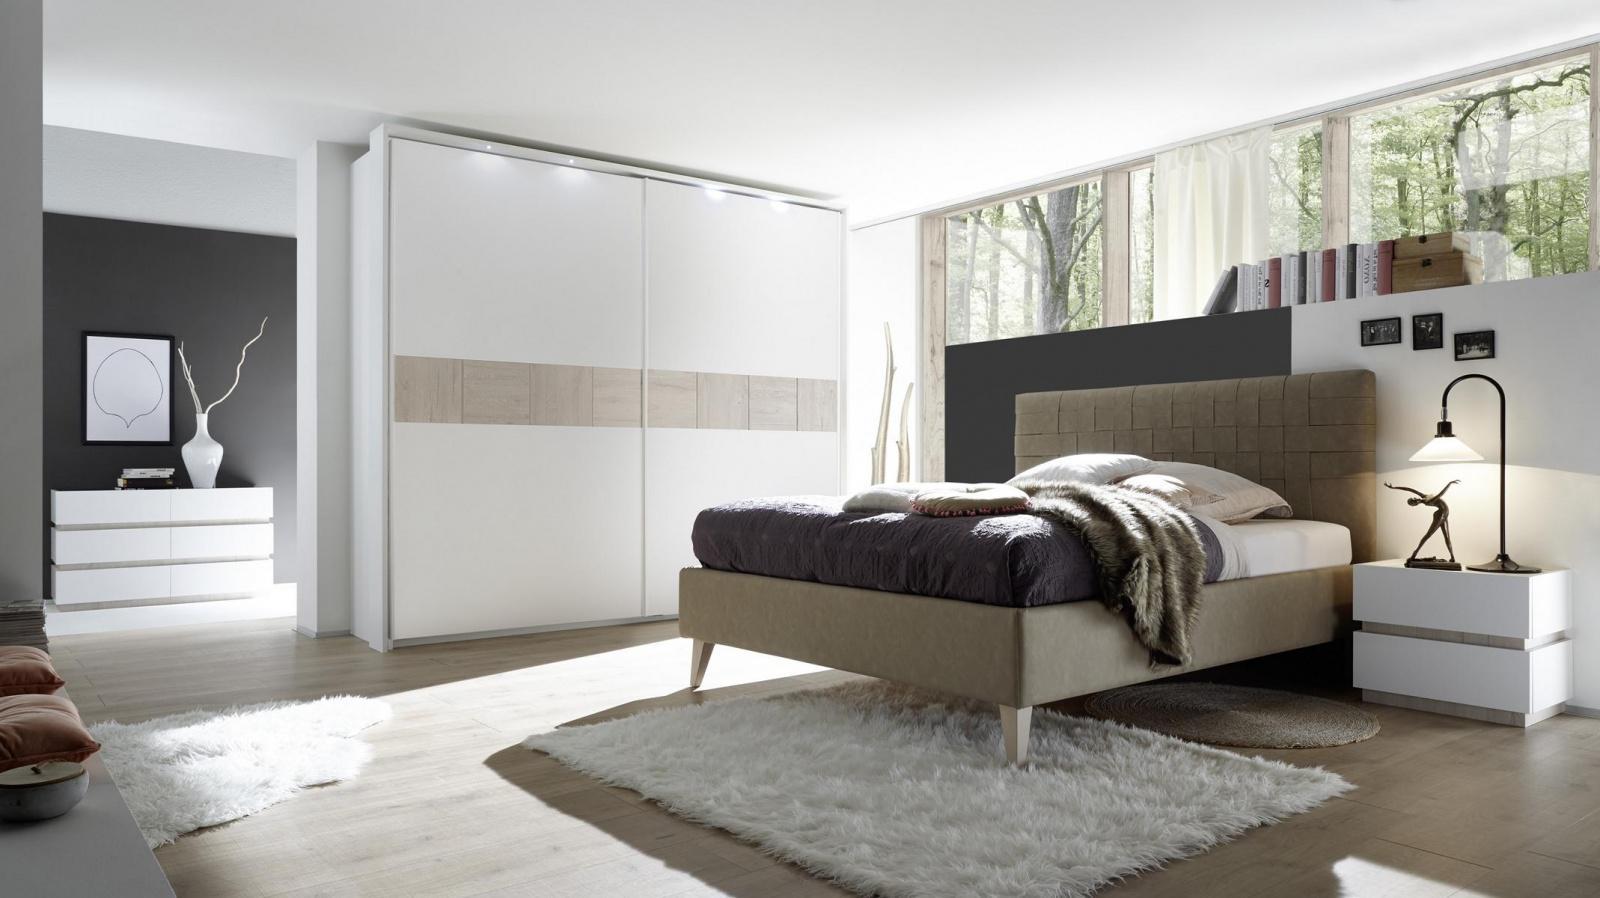 Mace Schlafzimmerset 4 Teilig Hellbraun Mit Eiche Beige Nb Kaufen